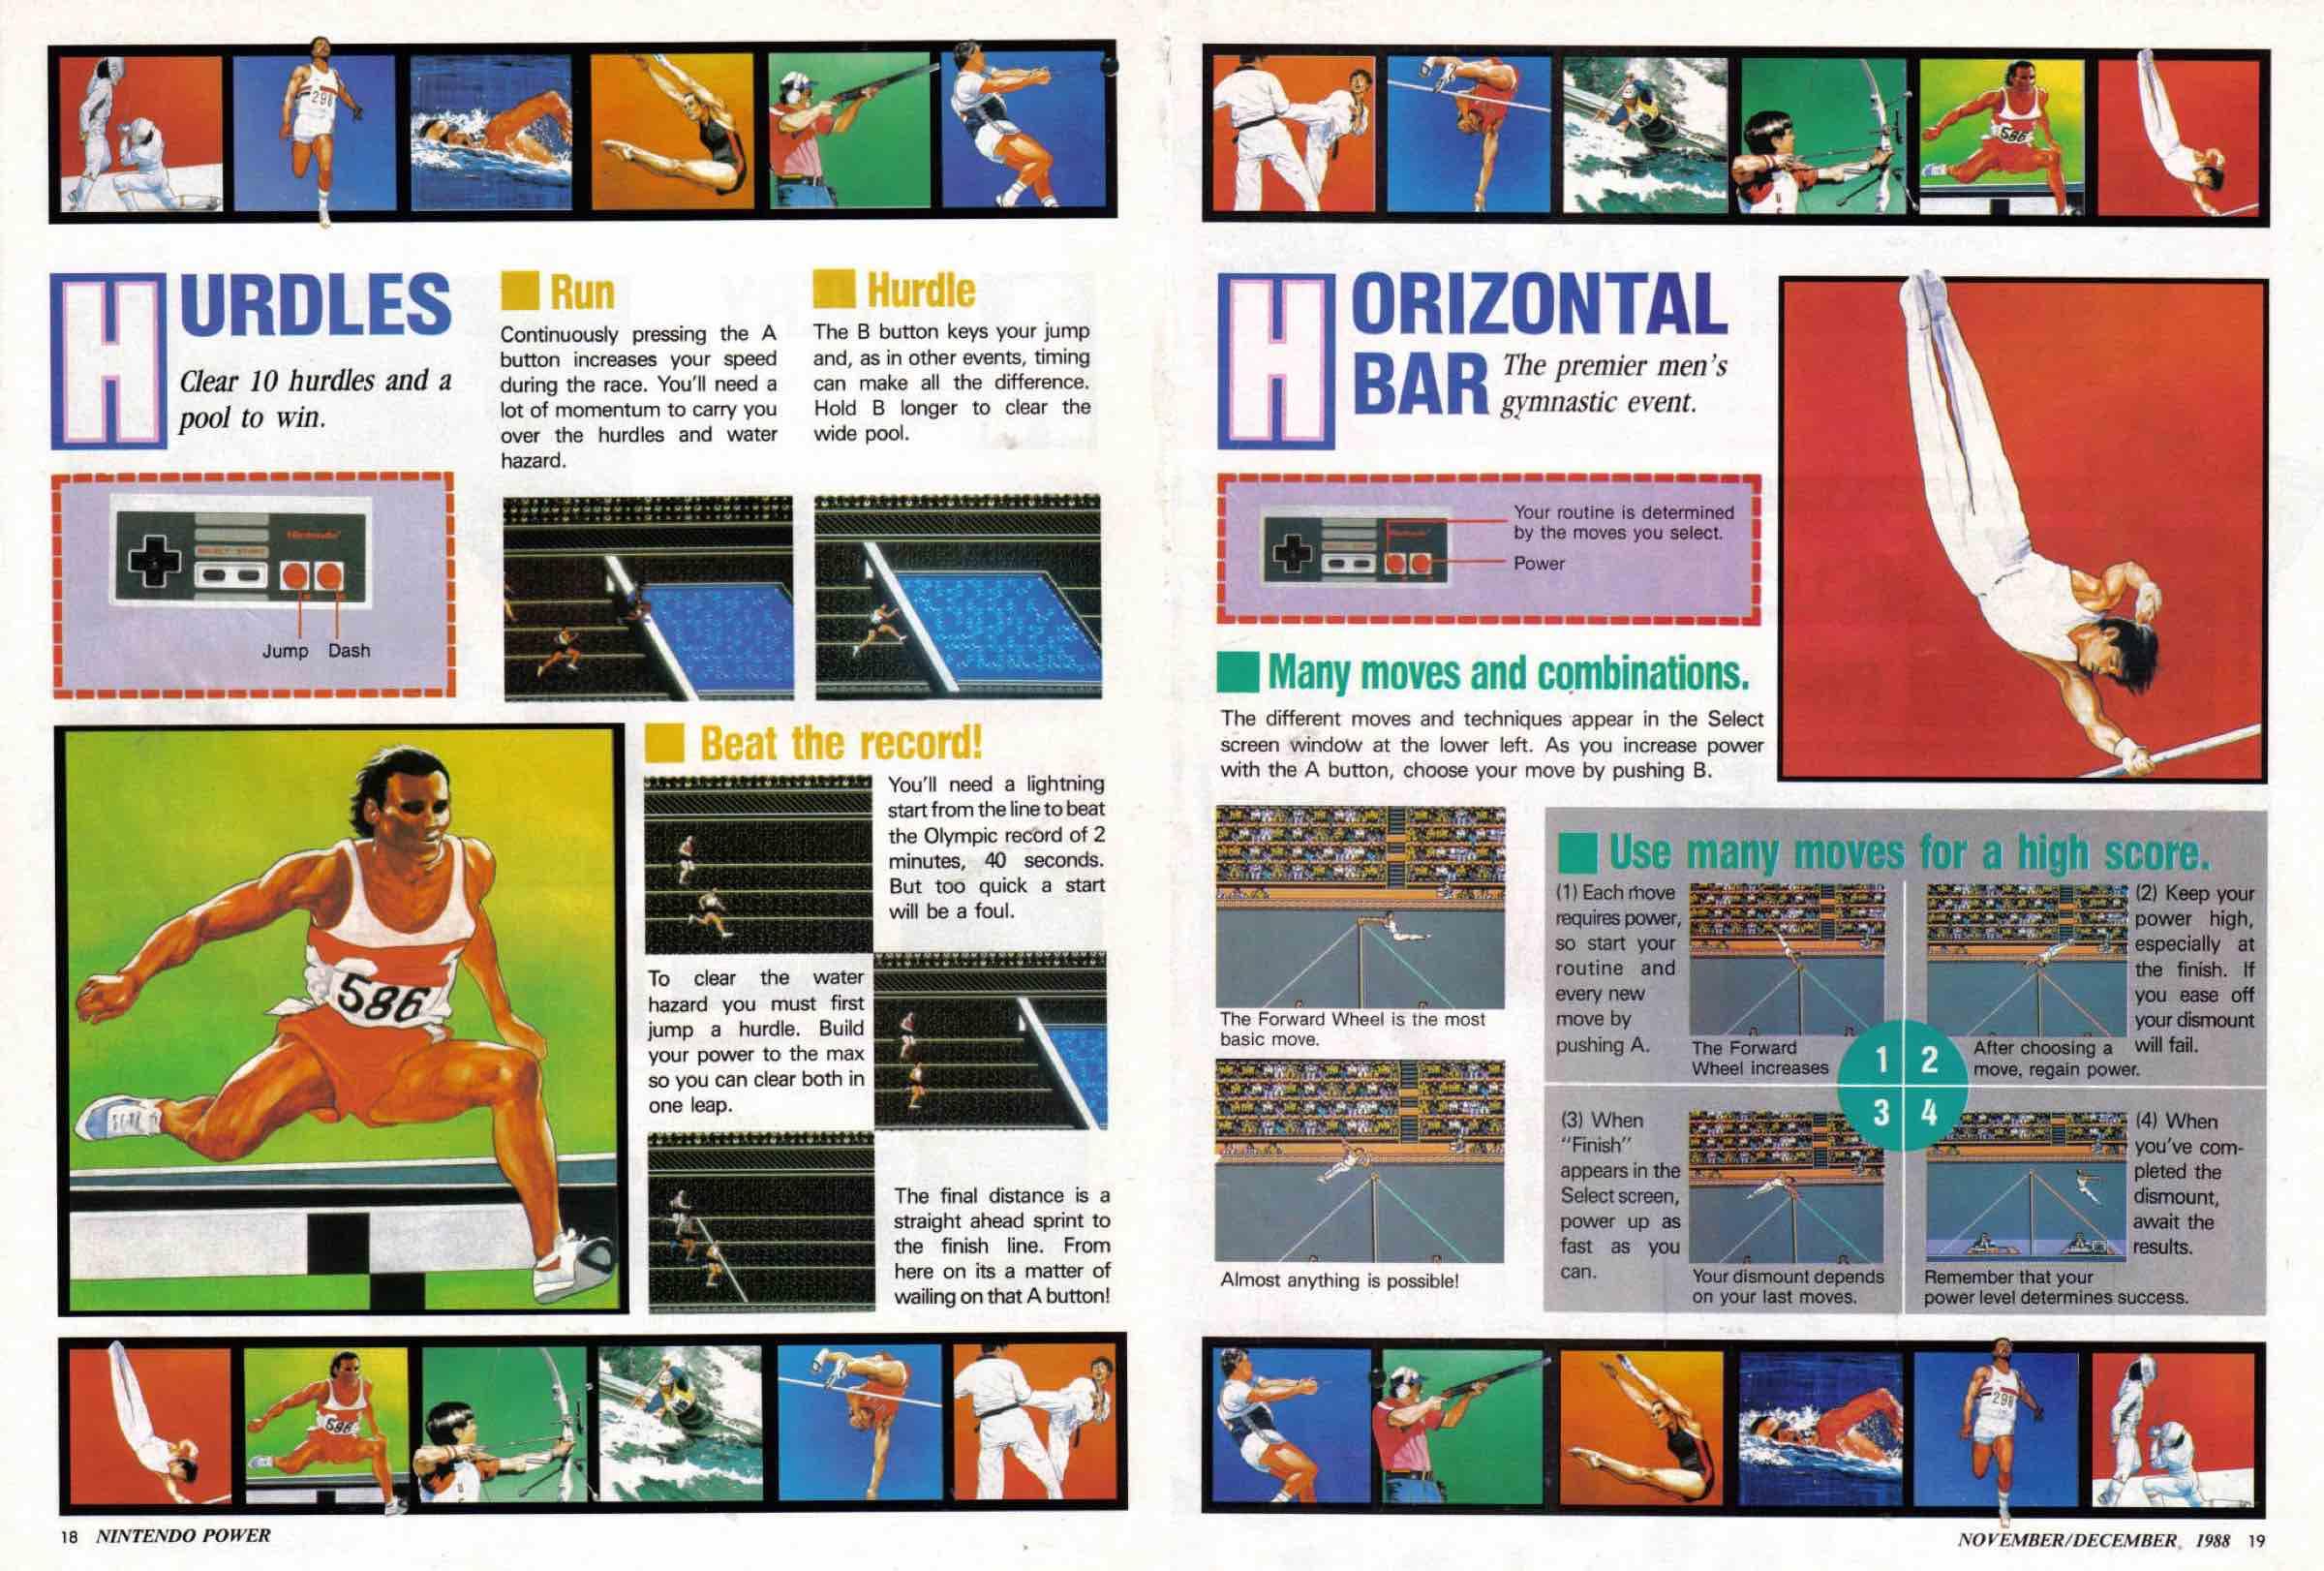 Nintendo Power | Nov Dec 1988-18-19